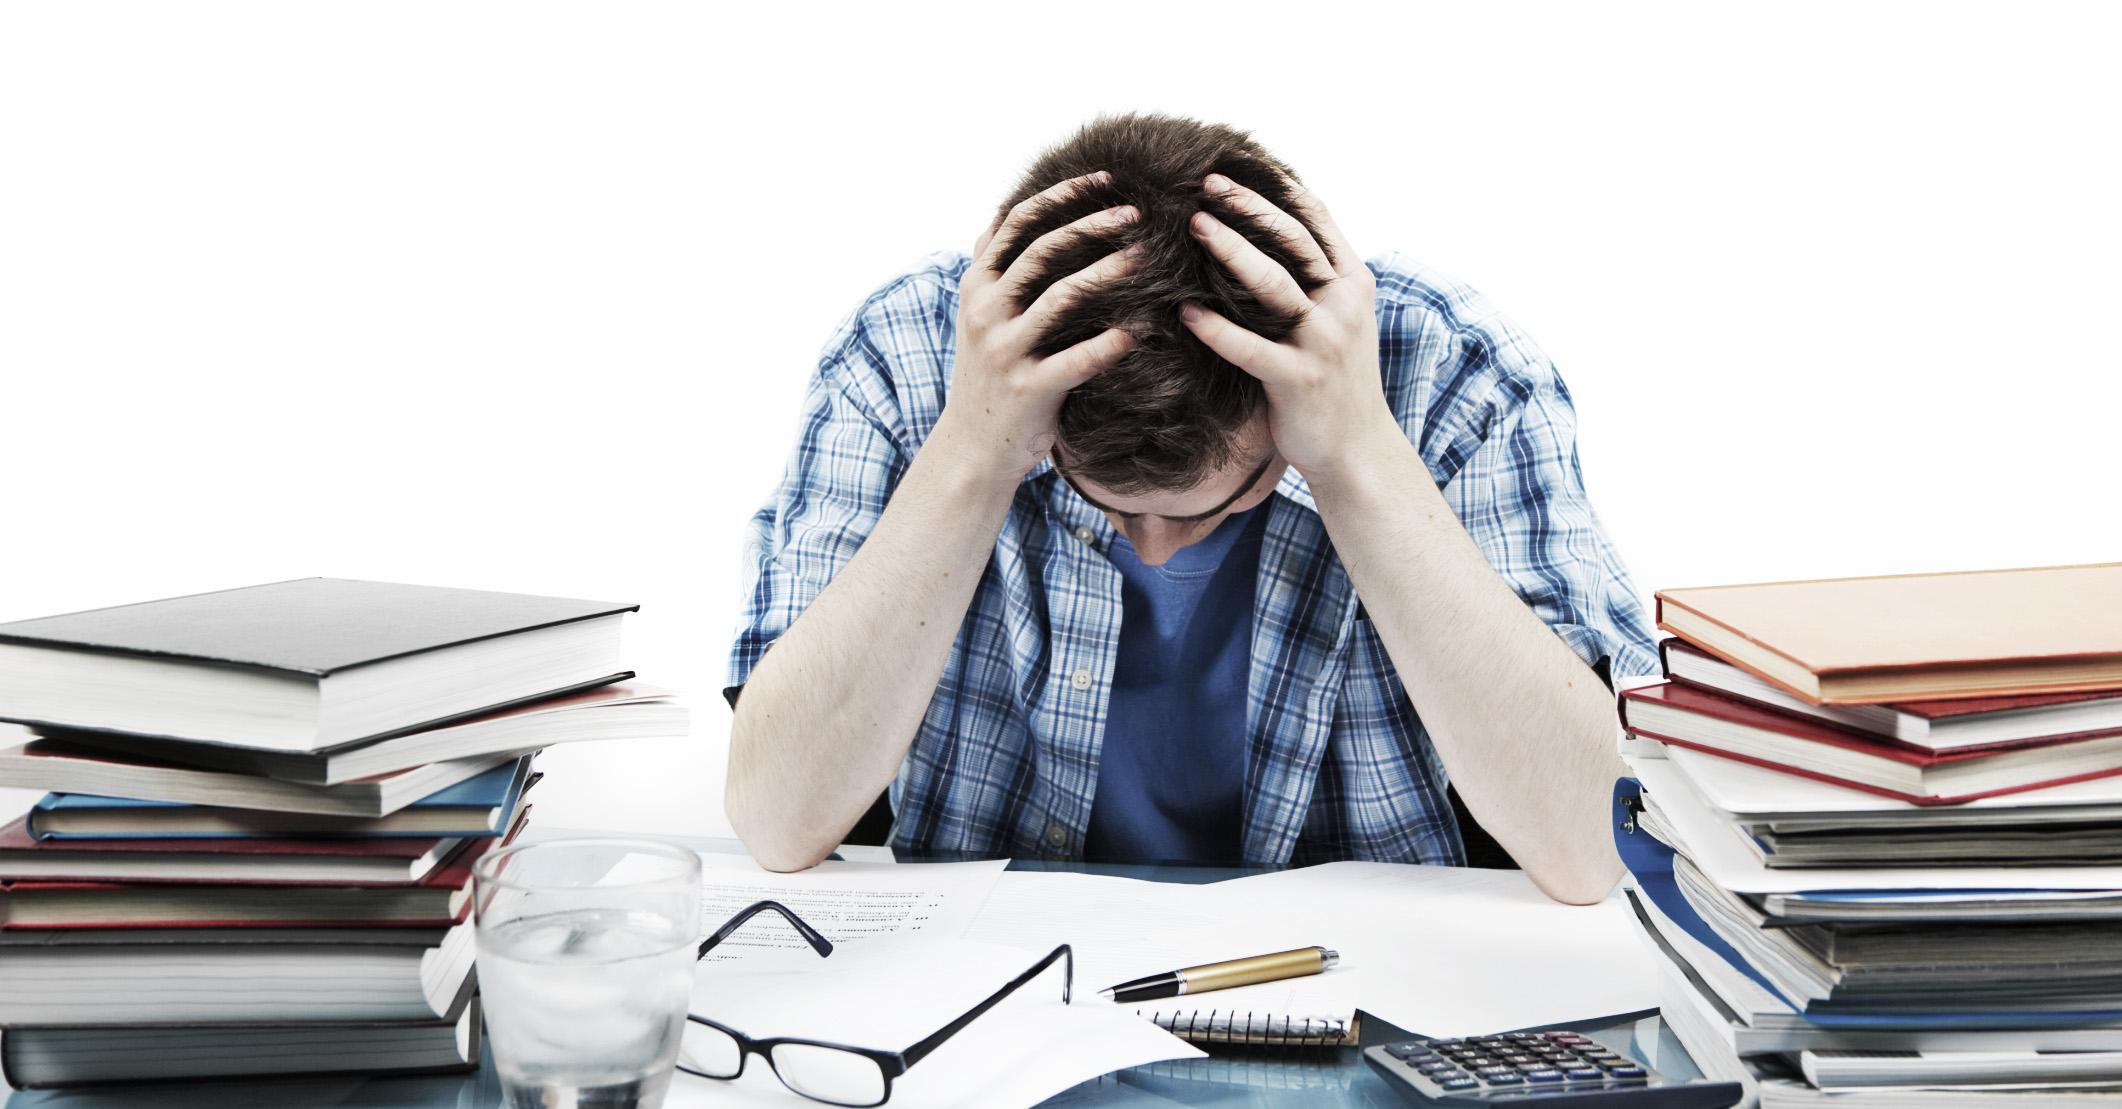 استرس و فشار كاري احتمال سكته قلبي در روز شنبه را بالا ميبرد؟